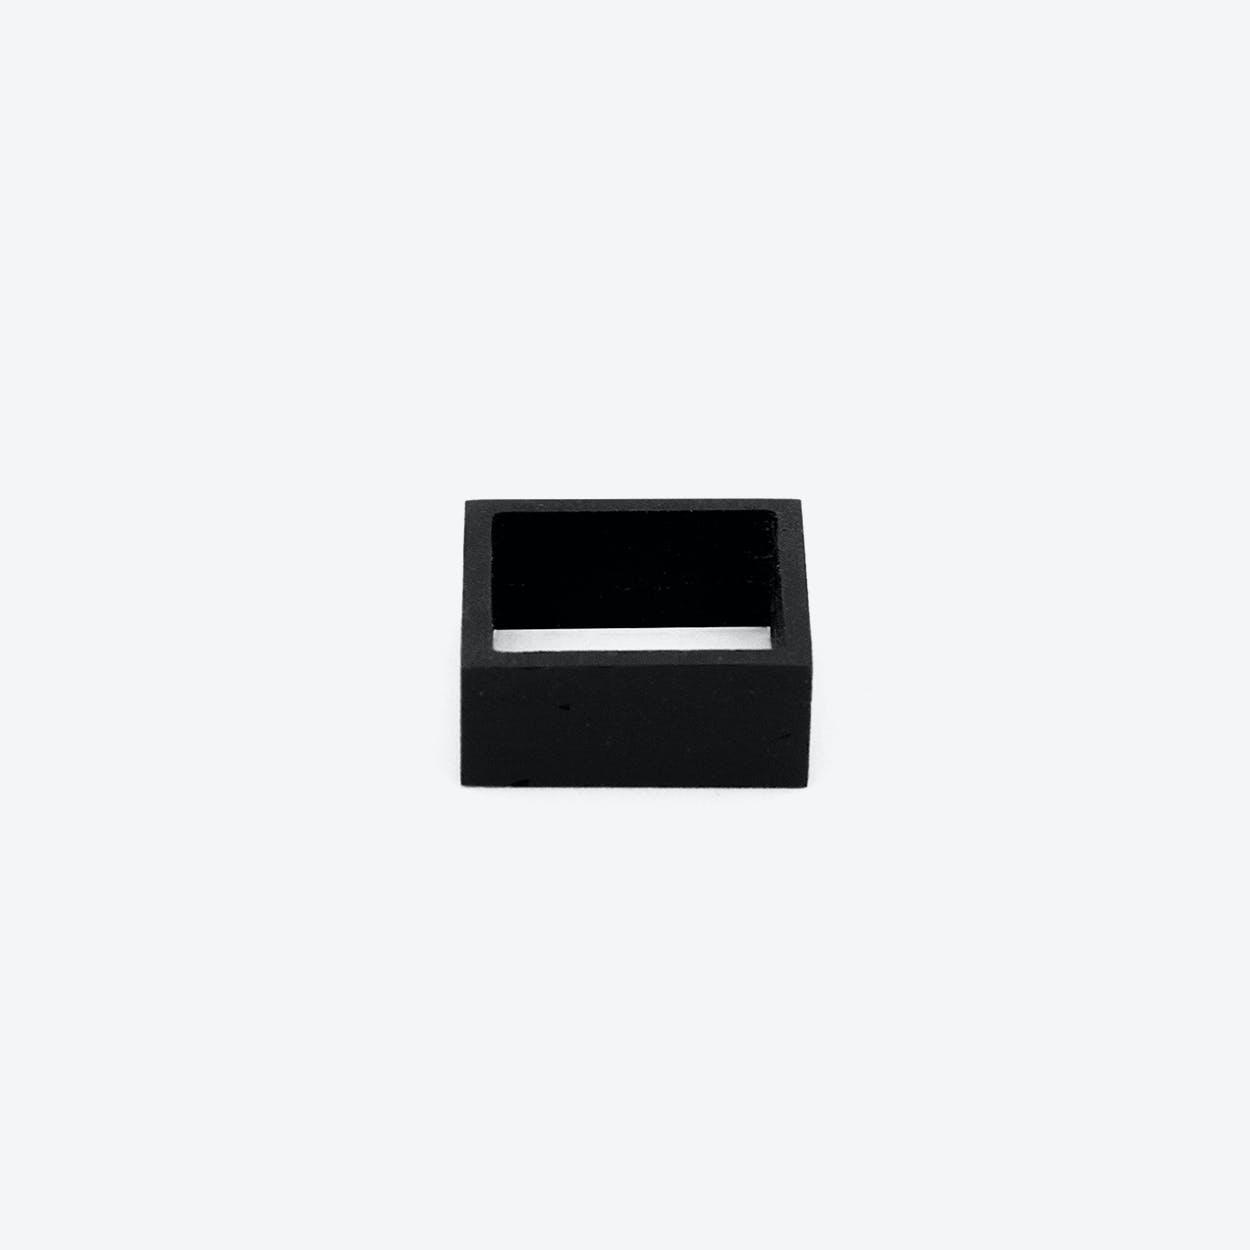 MK3 Black Symmetric Concrete Ring